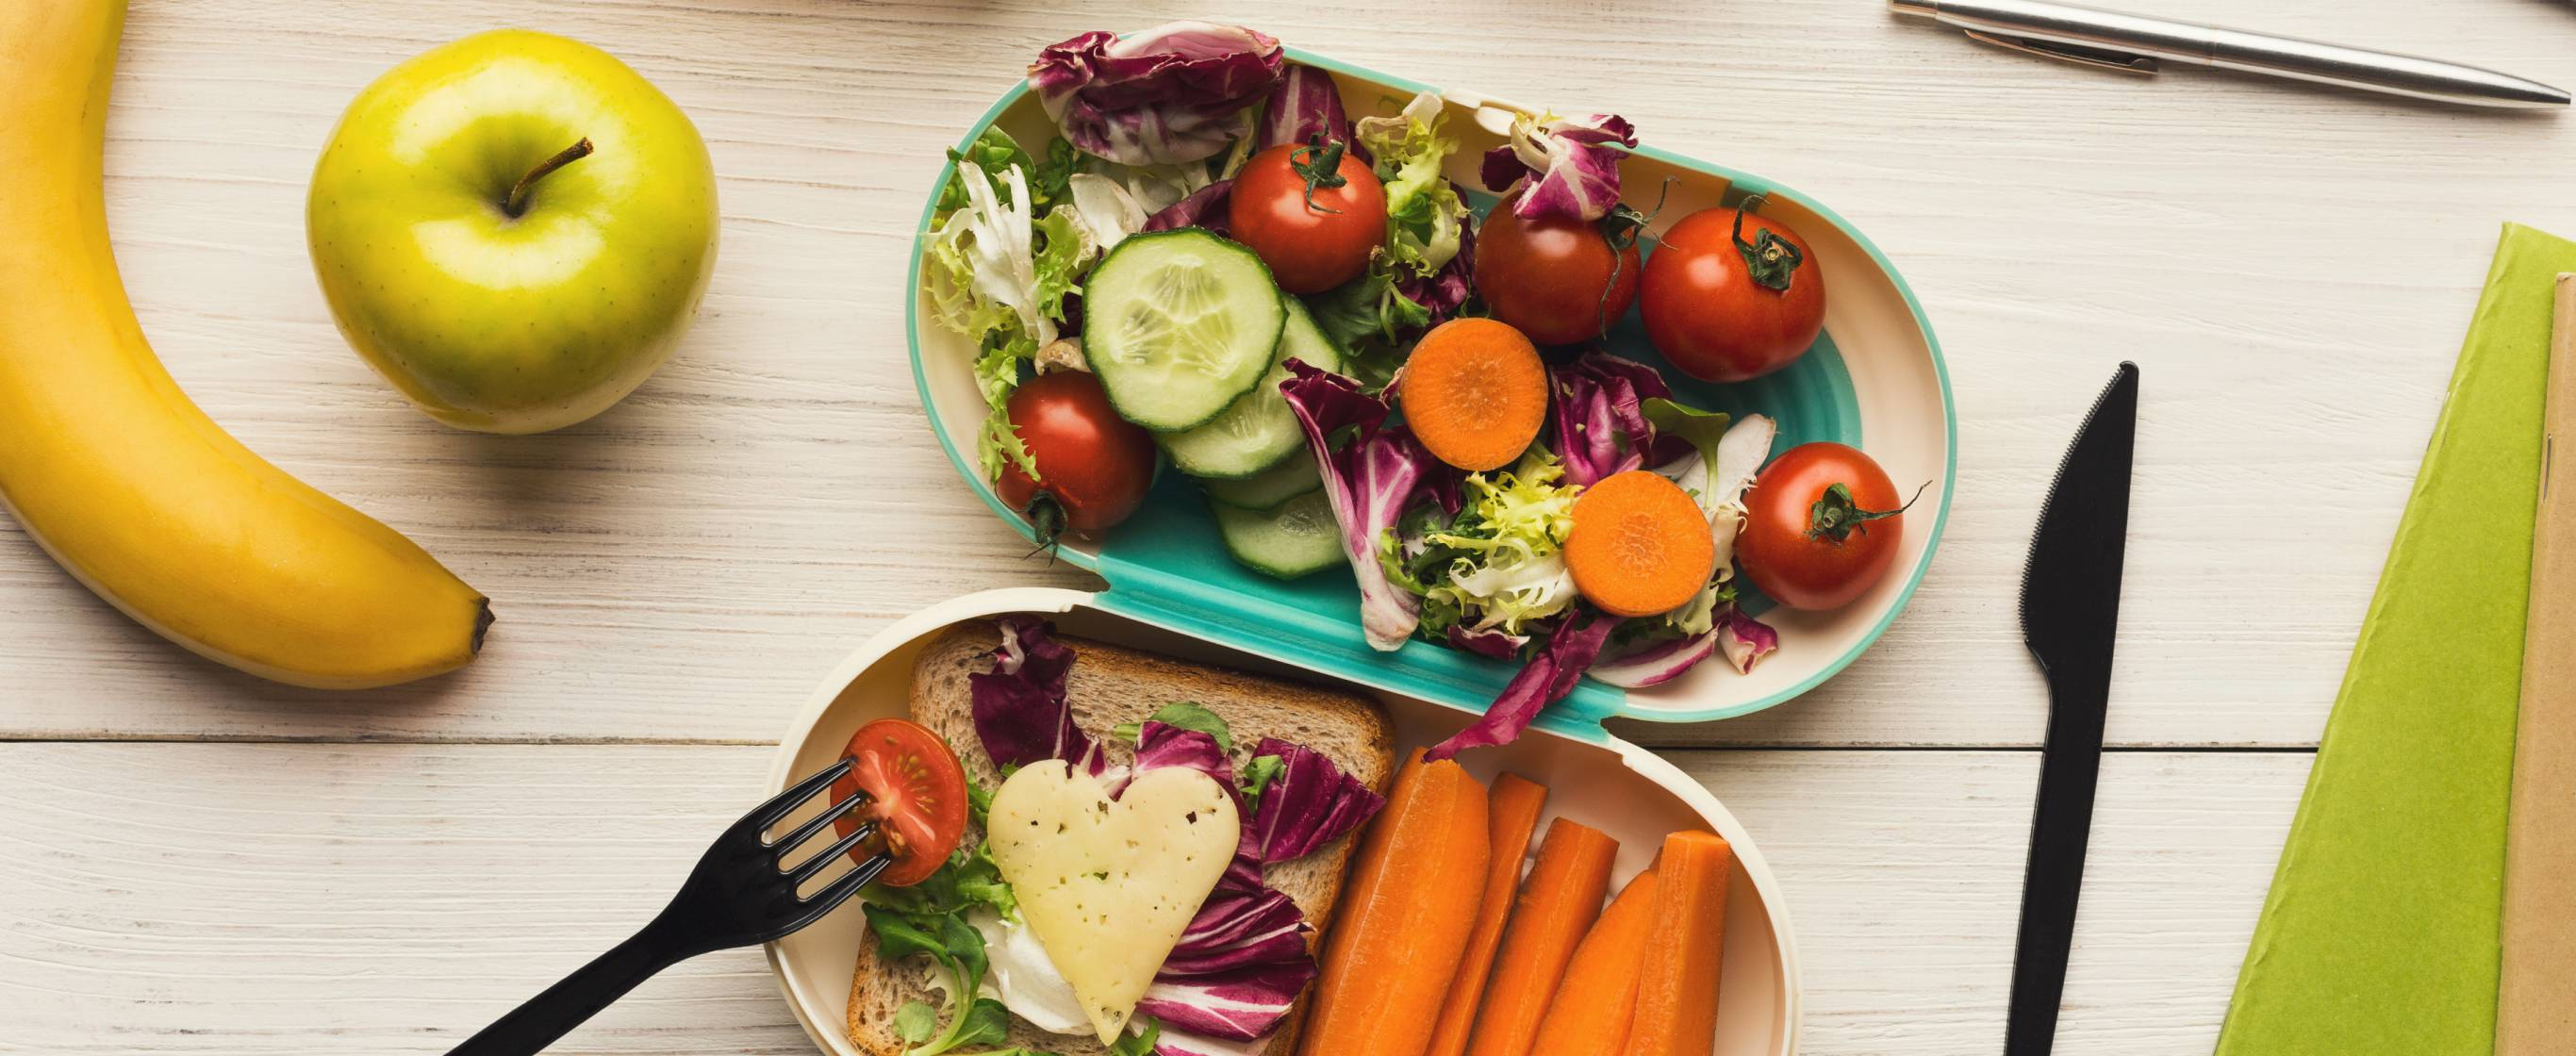 Lưu ý về một chế độ ăn uống